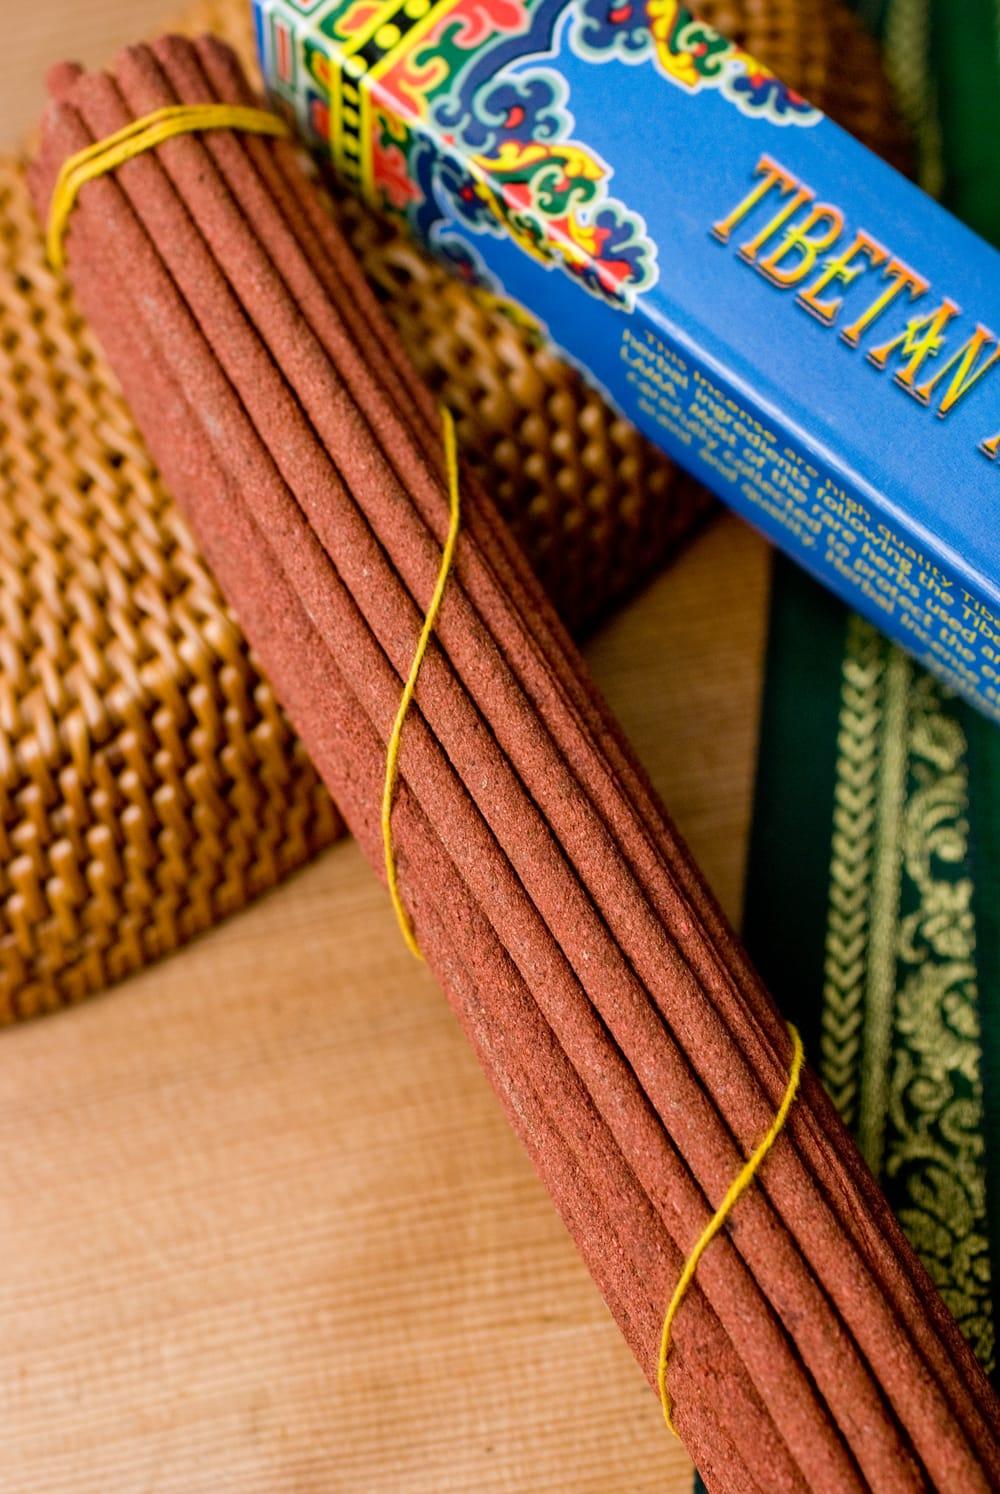 Tibetan Meditation Incense-チベタンメディテーション香 2 - このようにインド香とは太さが異なっています。